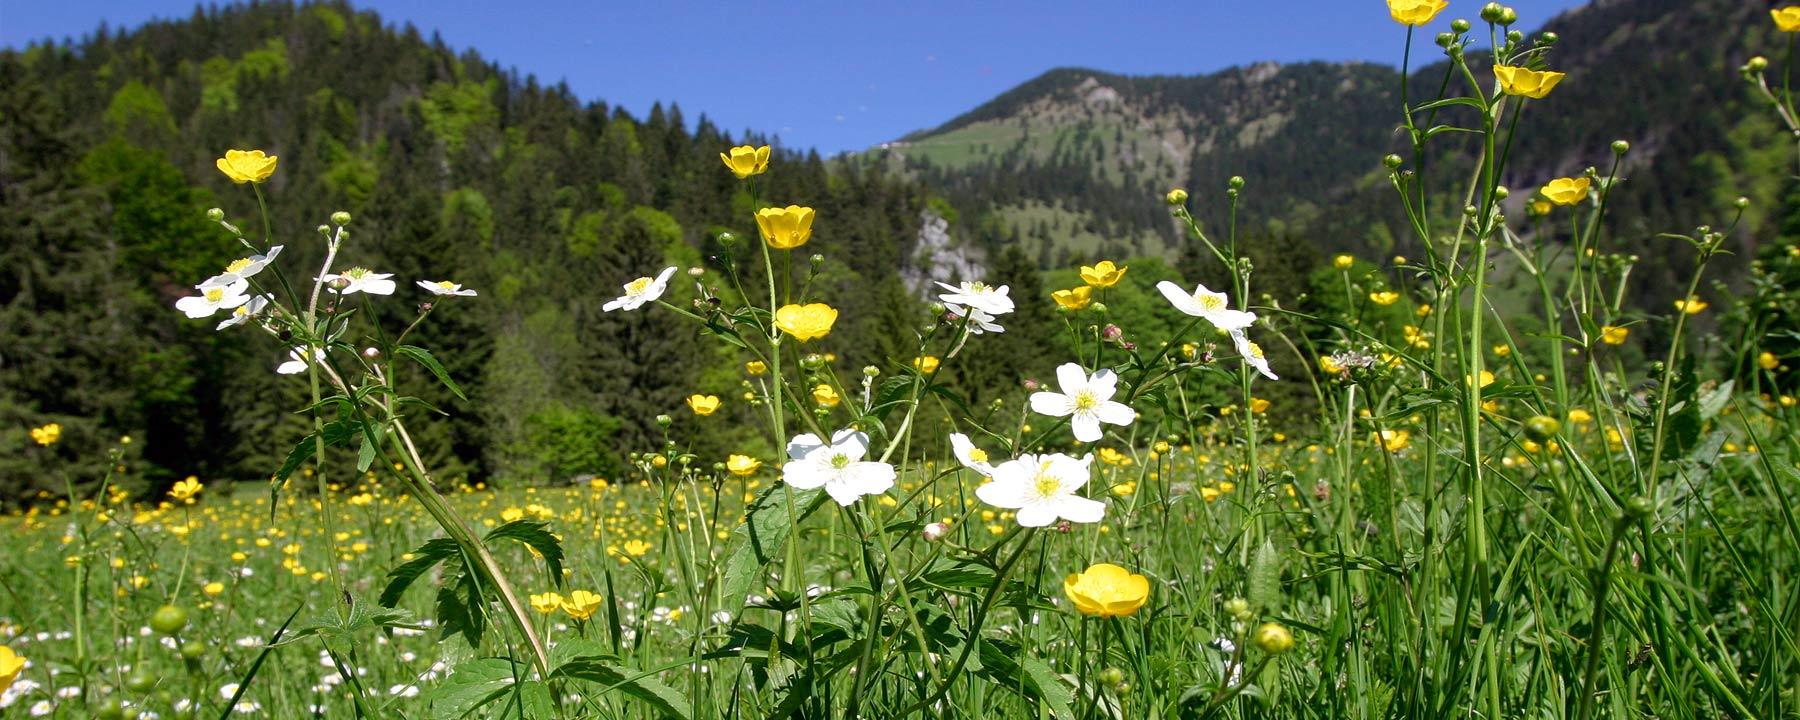 Weideblumen in der Spatenau mit Blick auf die Hochries